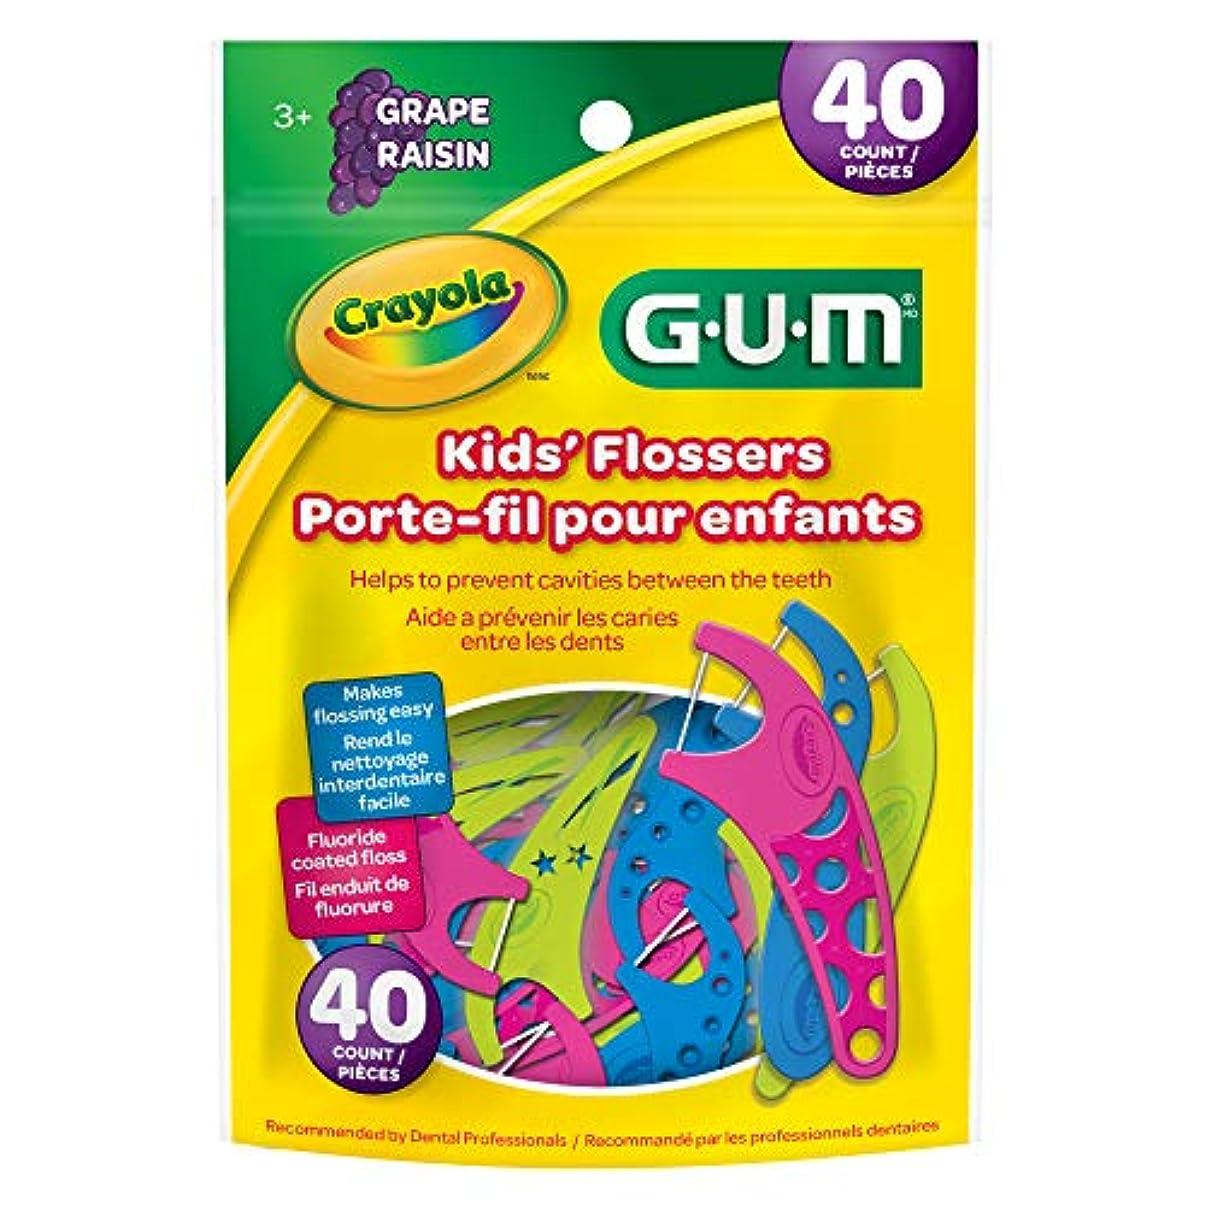 敬拒絶する定説GUM® Crayola™ Kids' Flossers 40本入り キッズ?フロッサー